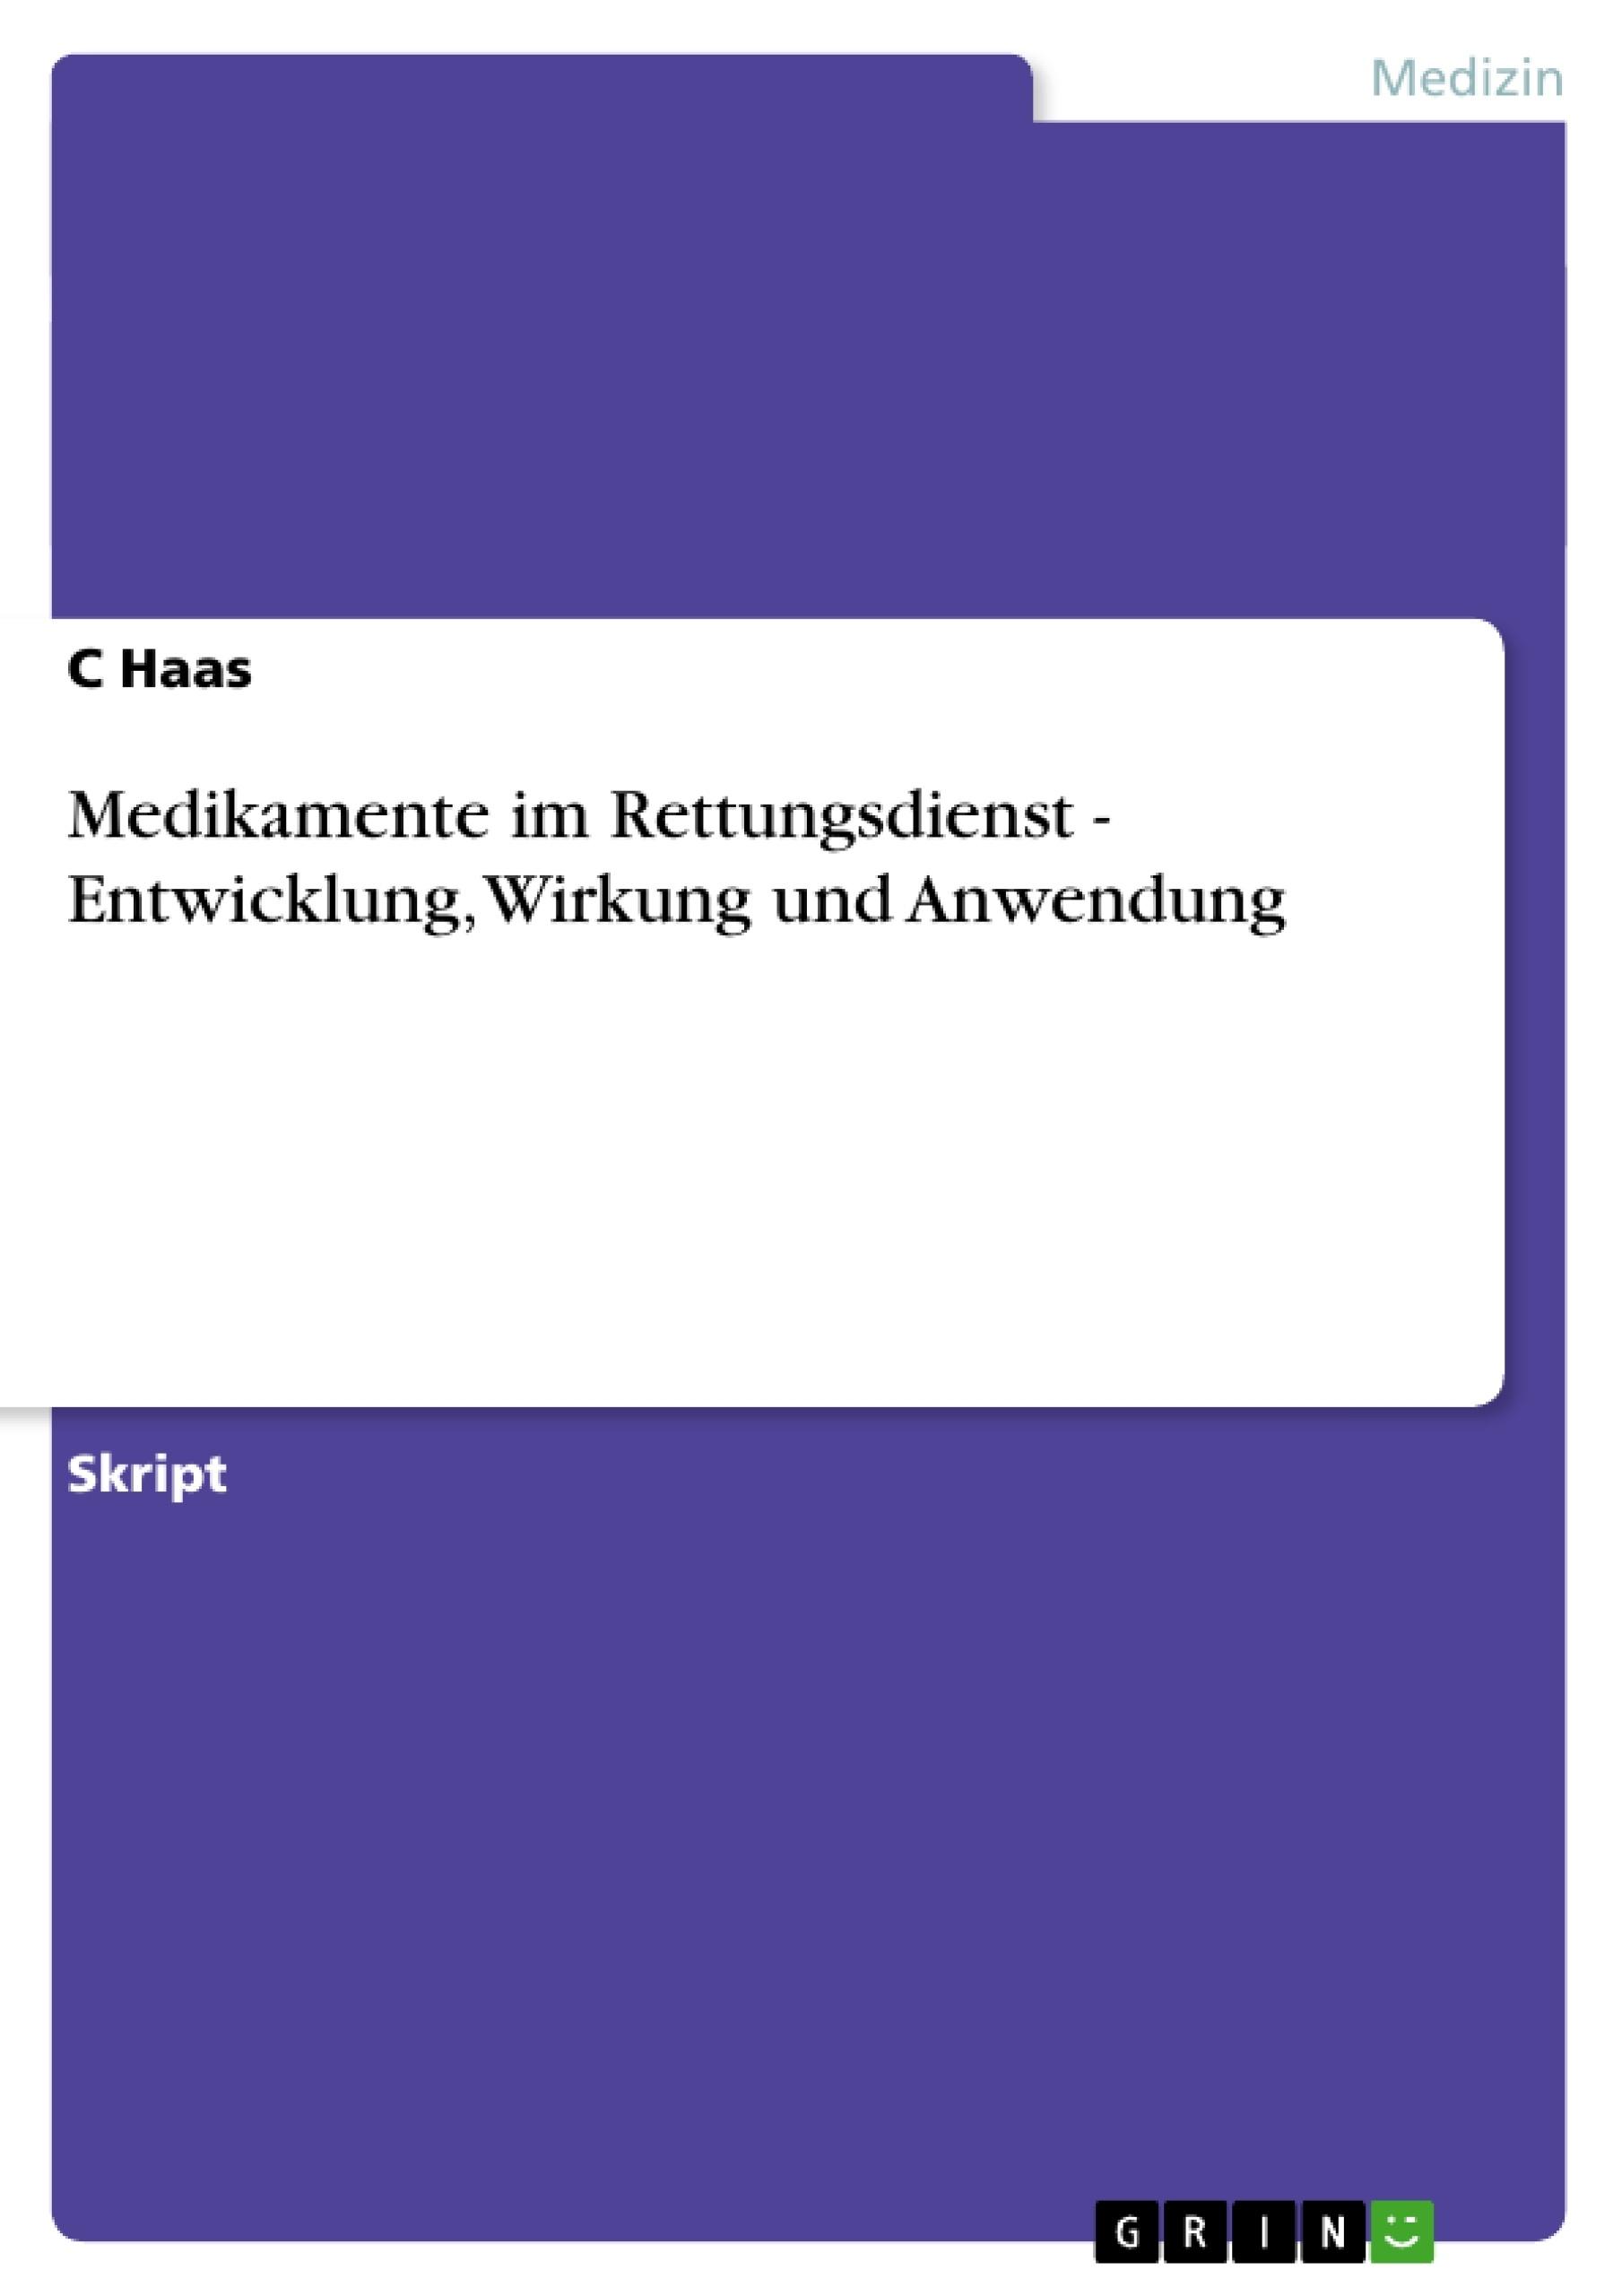 Titel: Medikamente im Rettungsdienst - Entwicklung, Wirkung und Anwendung